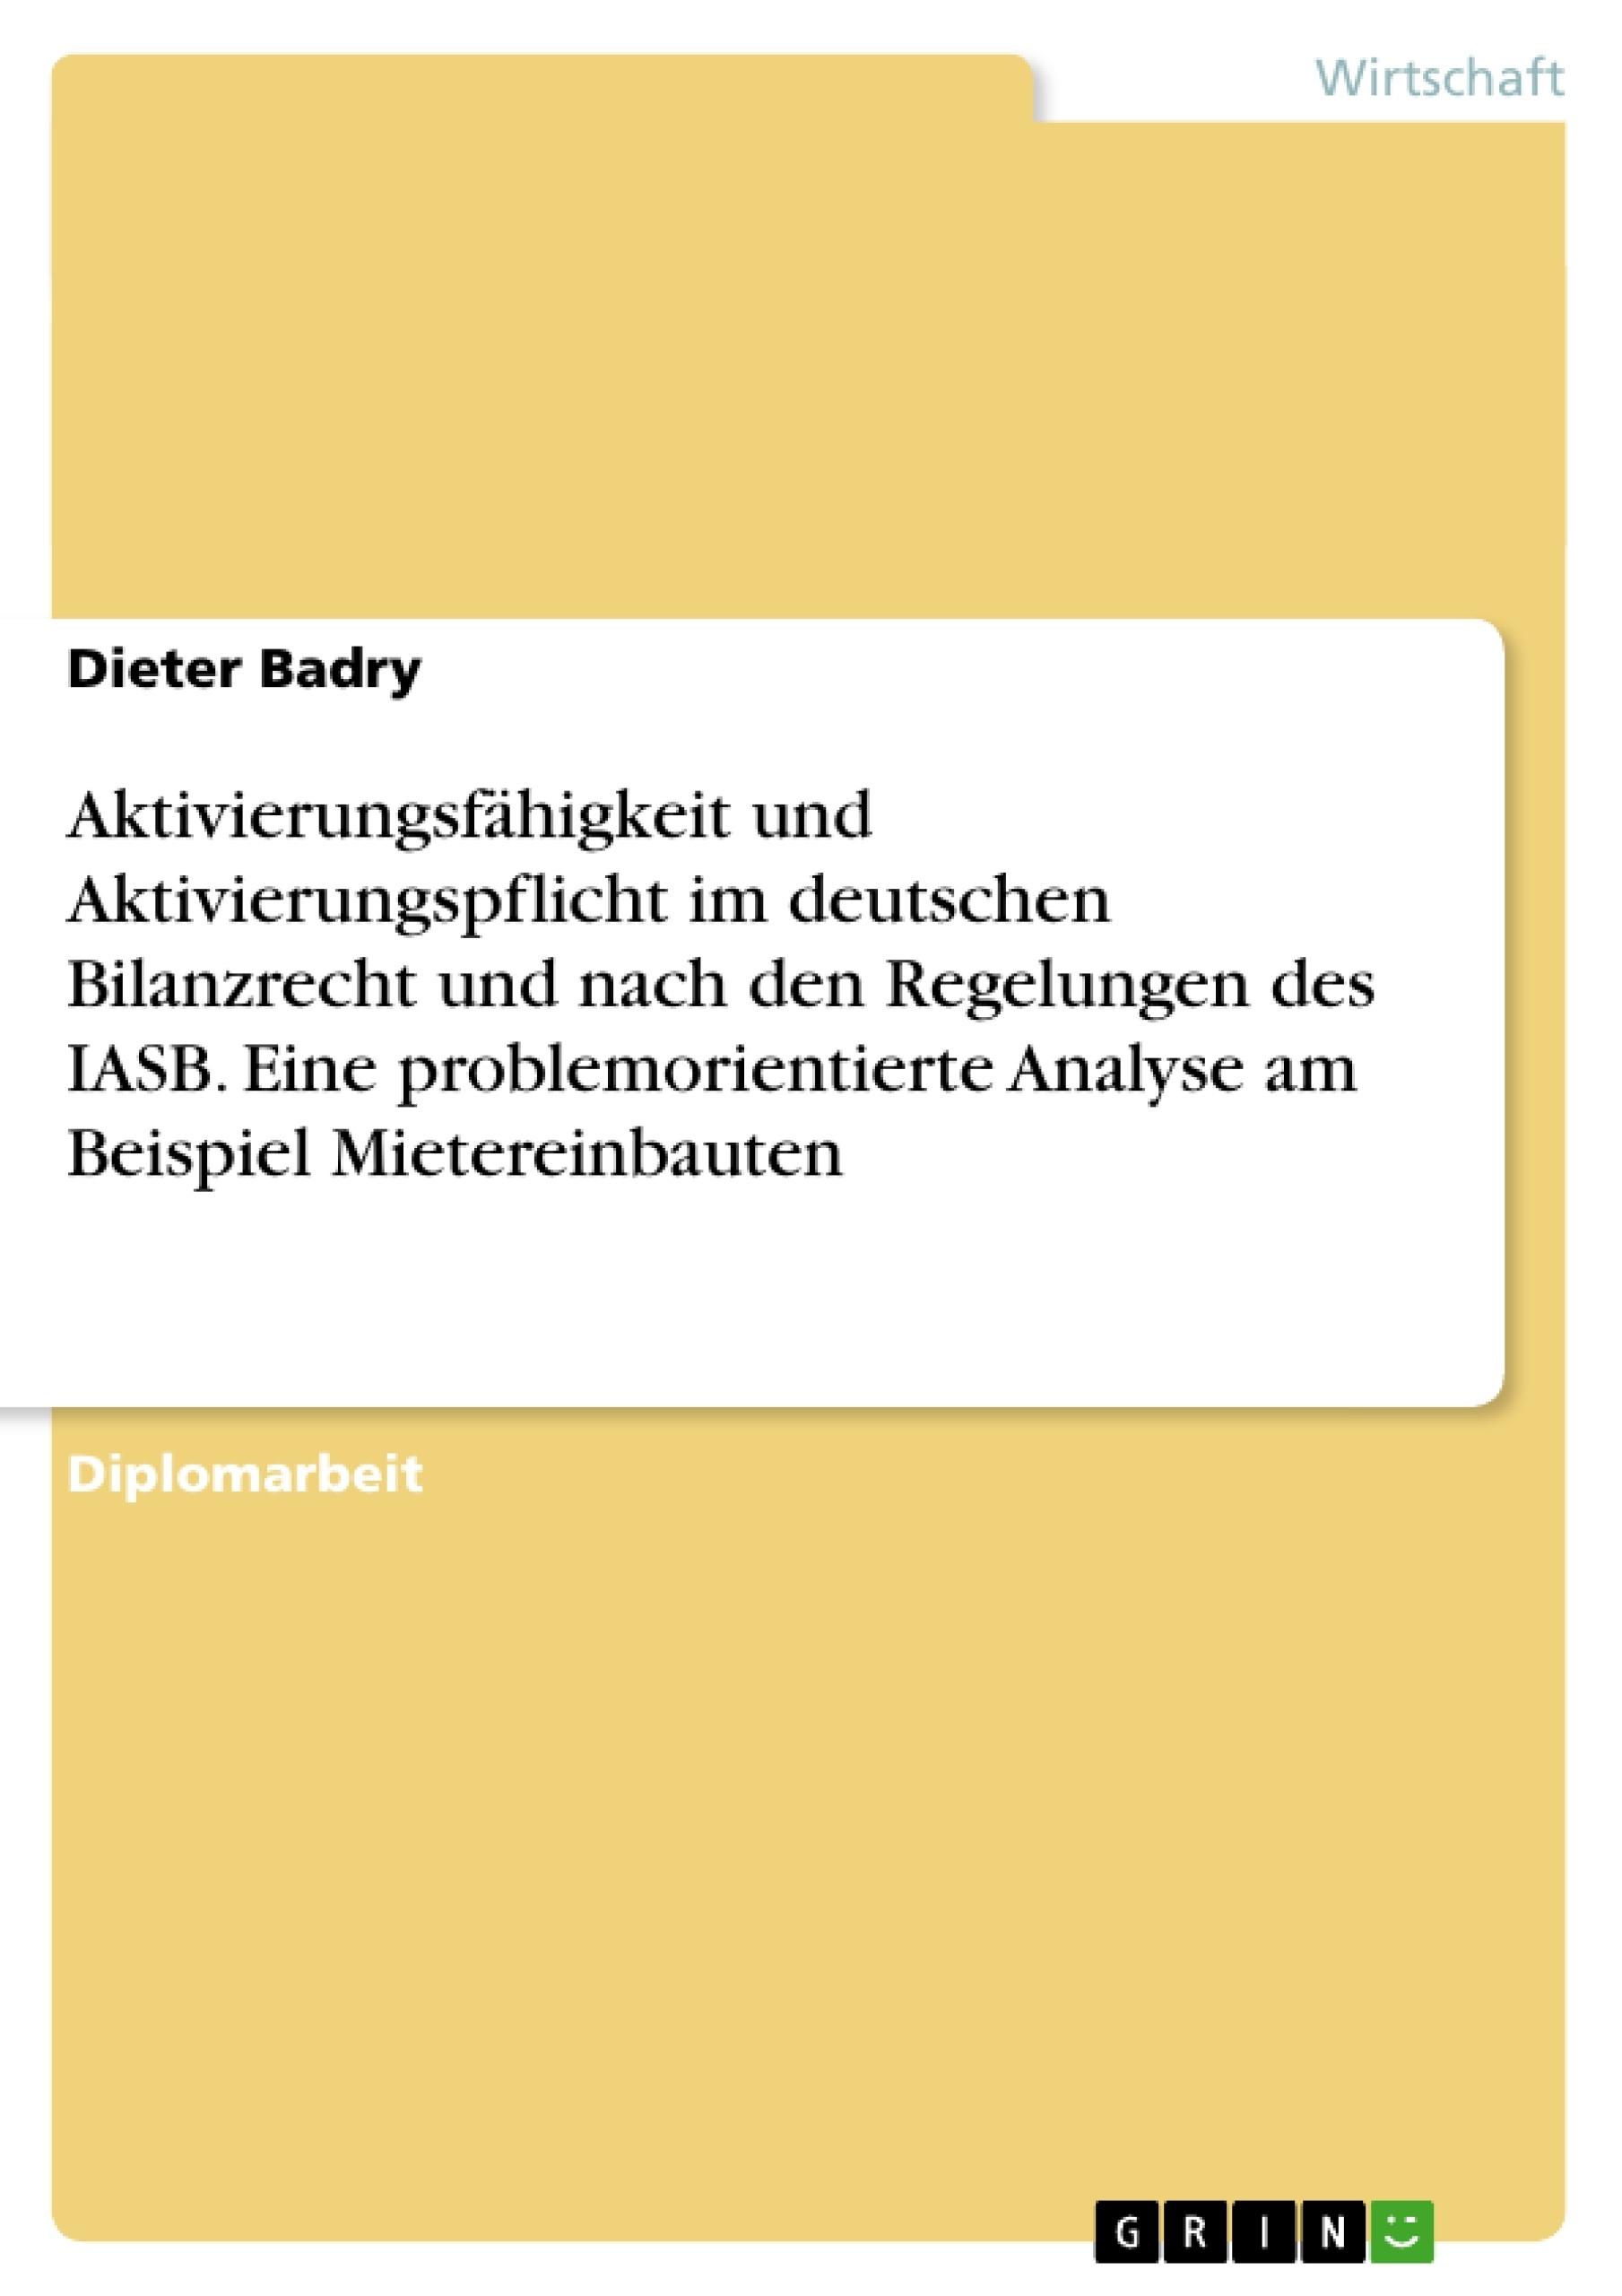 Titel: Aktivierungsfähigkeit und Aktivierungspflicht im deutschen Bilanzrecht und nach den Regelungen des IASB. Eine problemorientierte Analyse am Beispiel Mietereinbauten